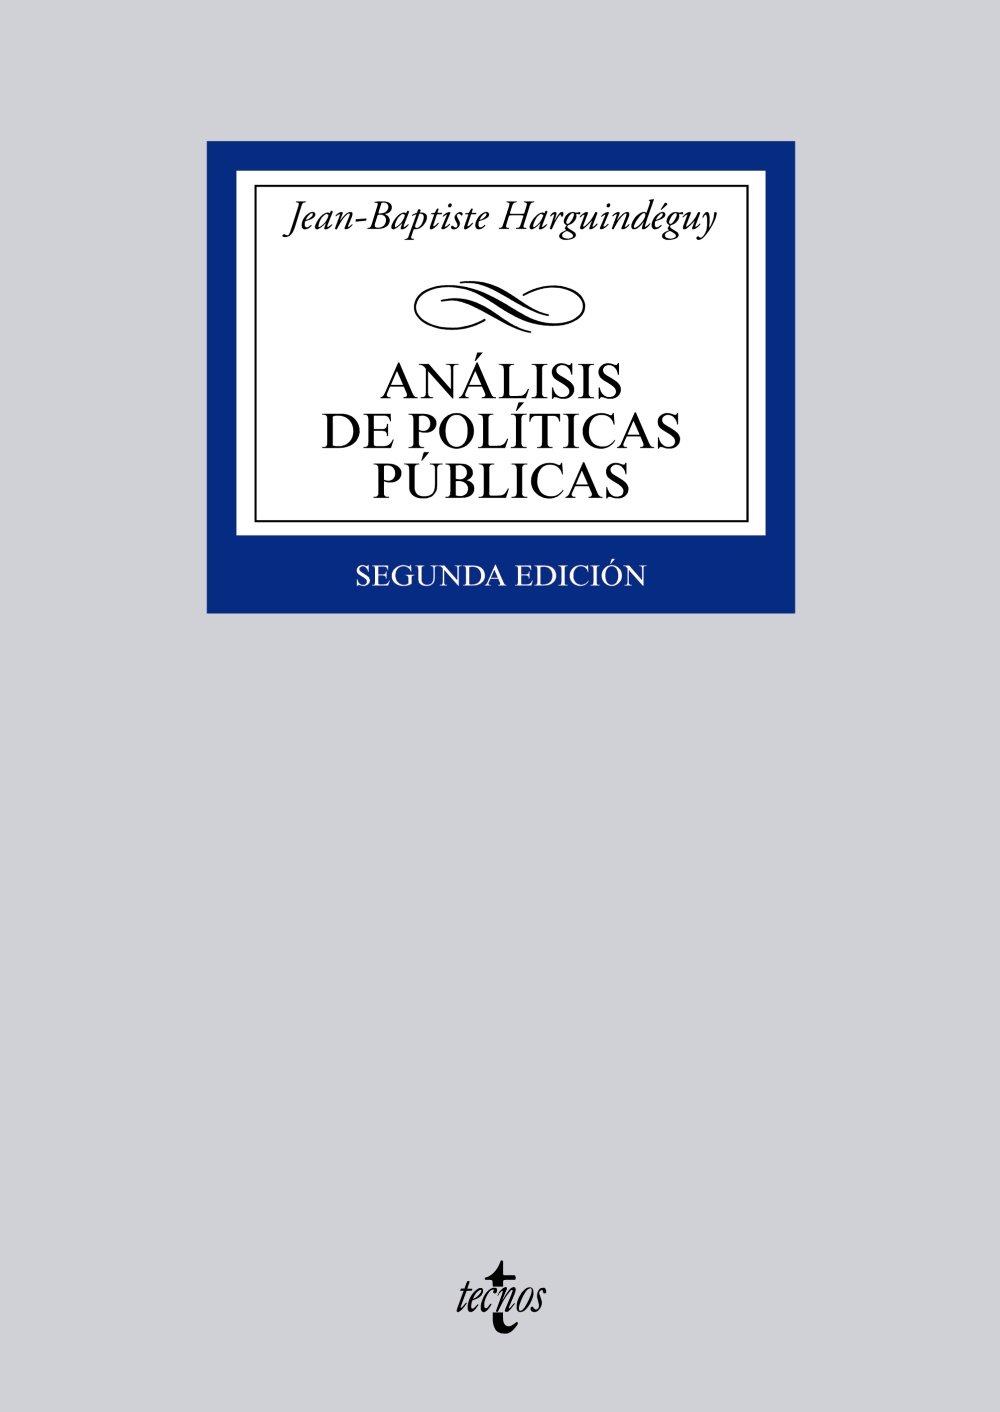 Análisis de políticas públicas (Derecho - Biblioteca Universitaria De Editorial Tecnos) Tapa blanda – 3 sep 2015 Jean-Baptiste Harguindéguy 8430966277 JHB JP